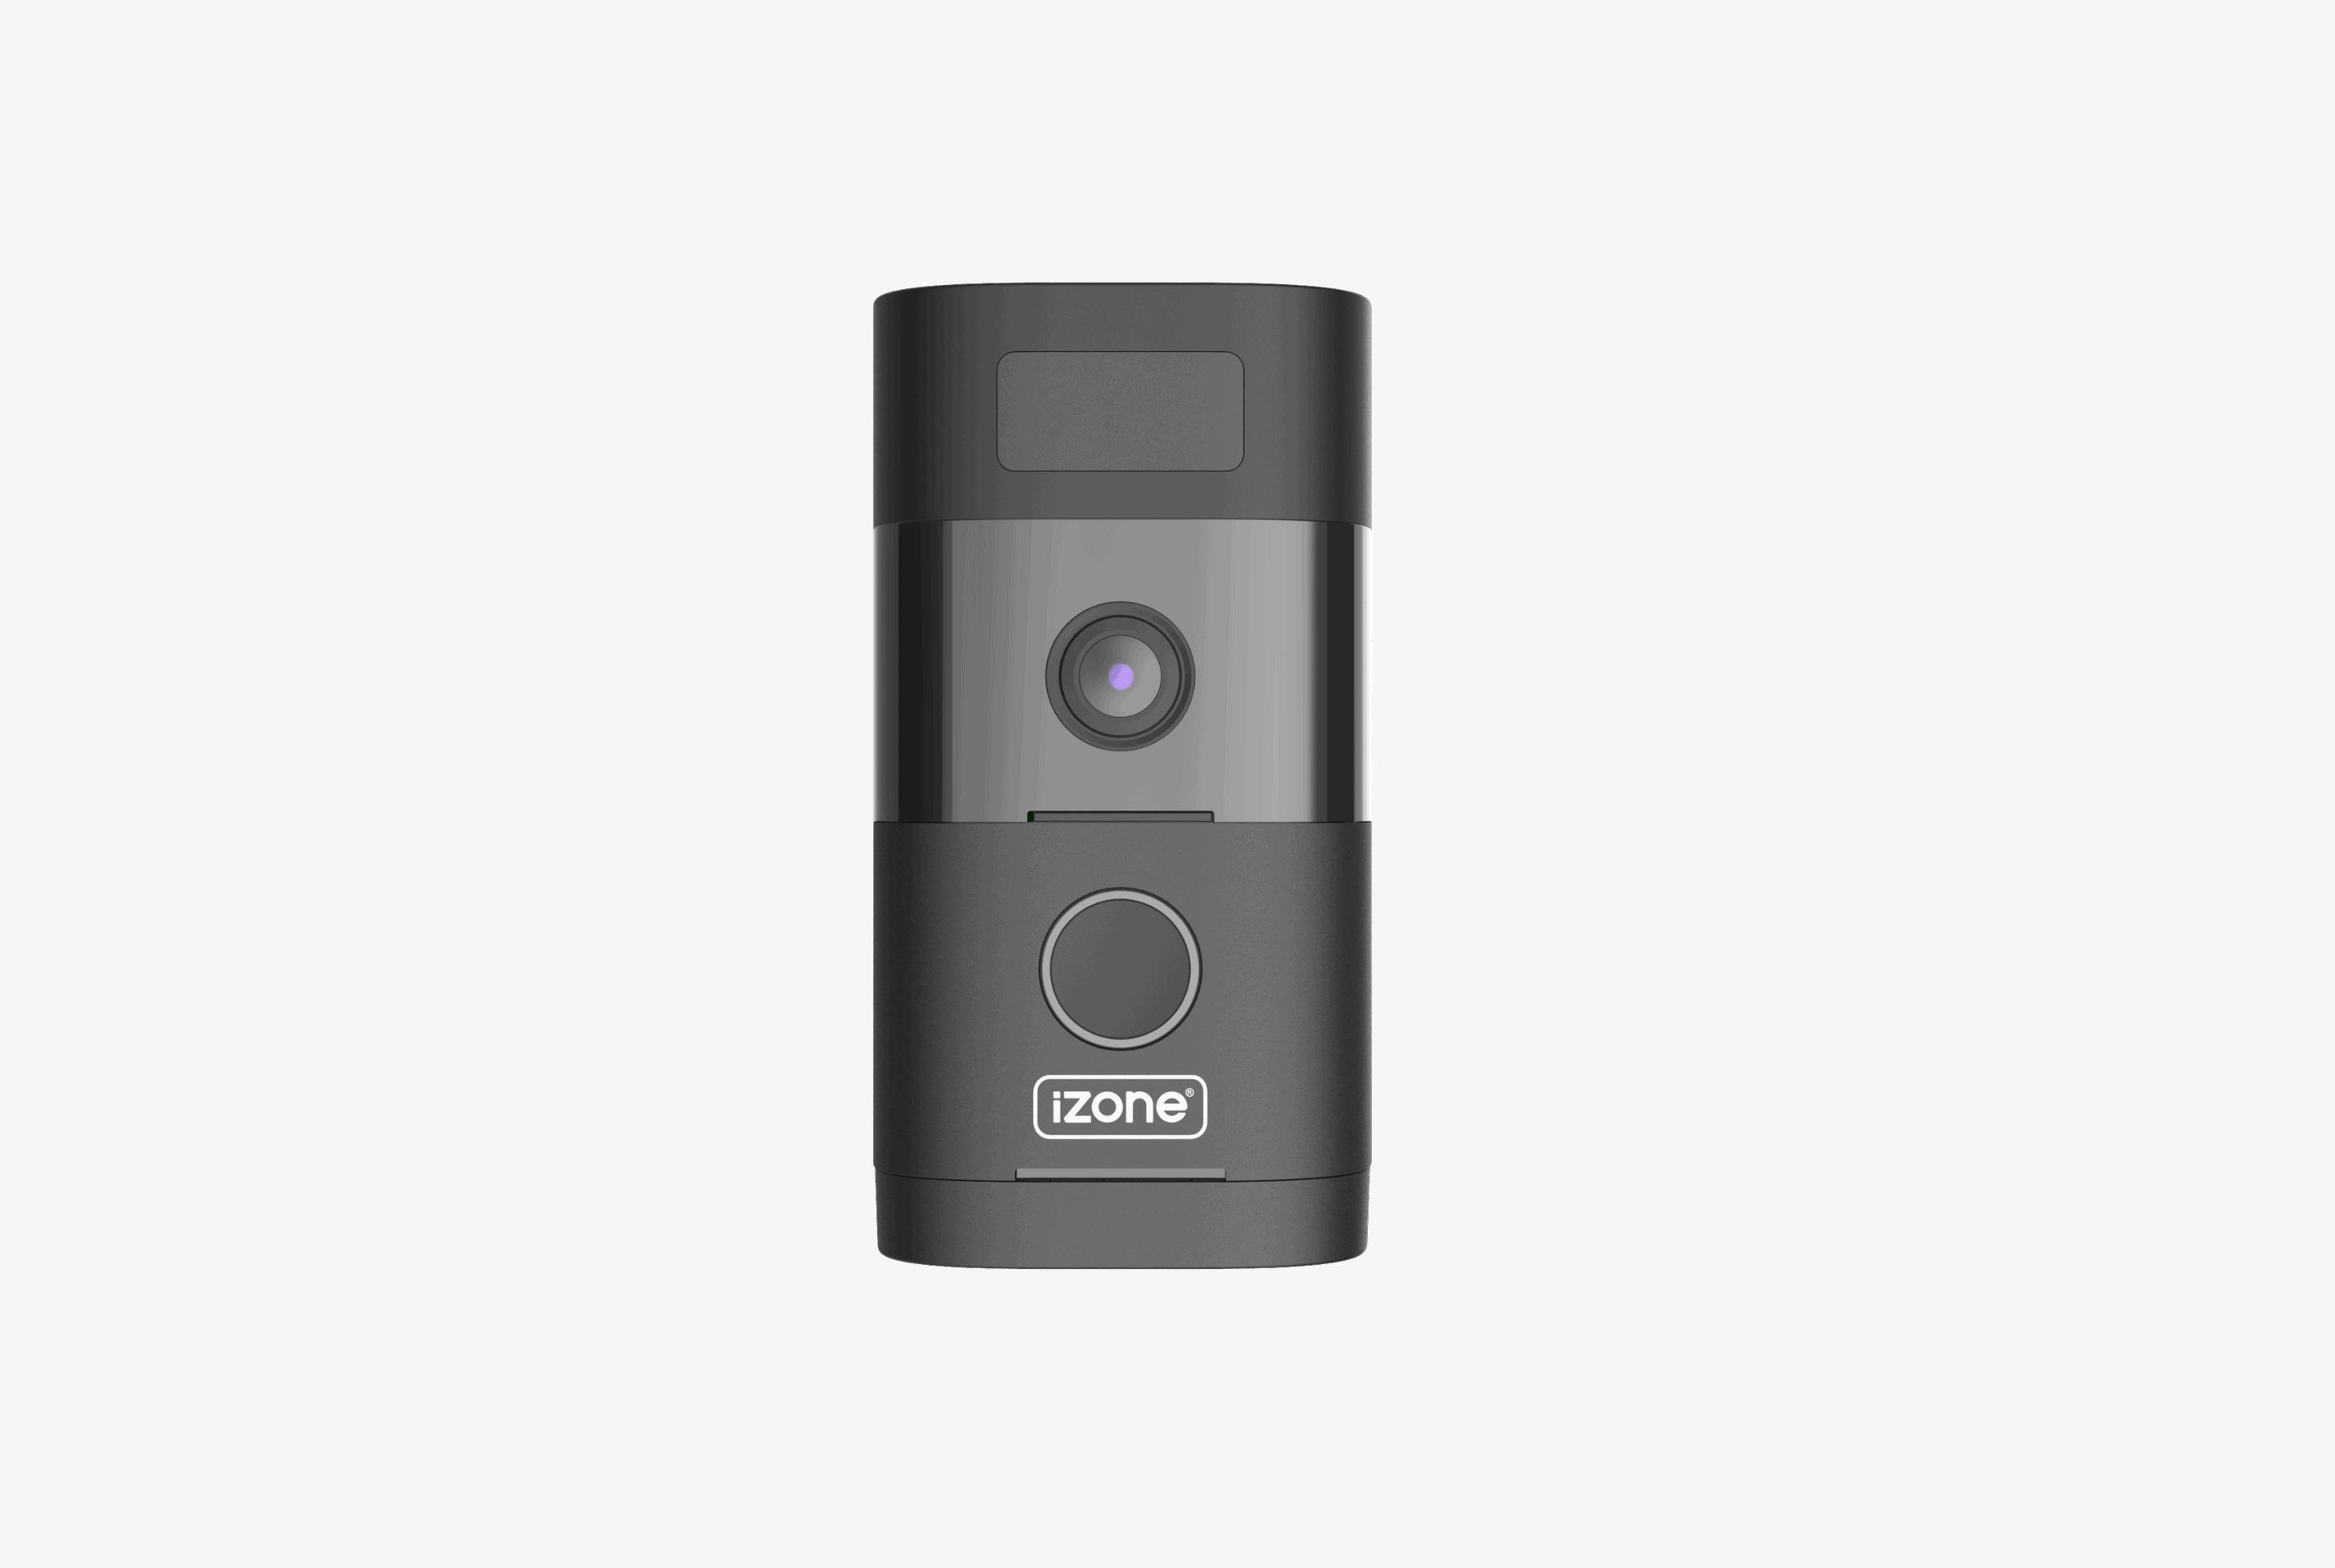 210111 iZone Smart Video Doorbell Image – Front